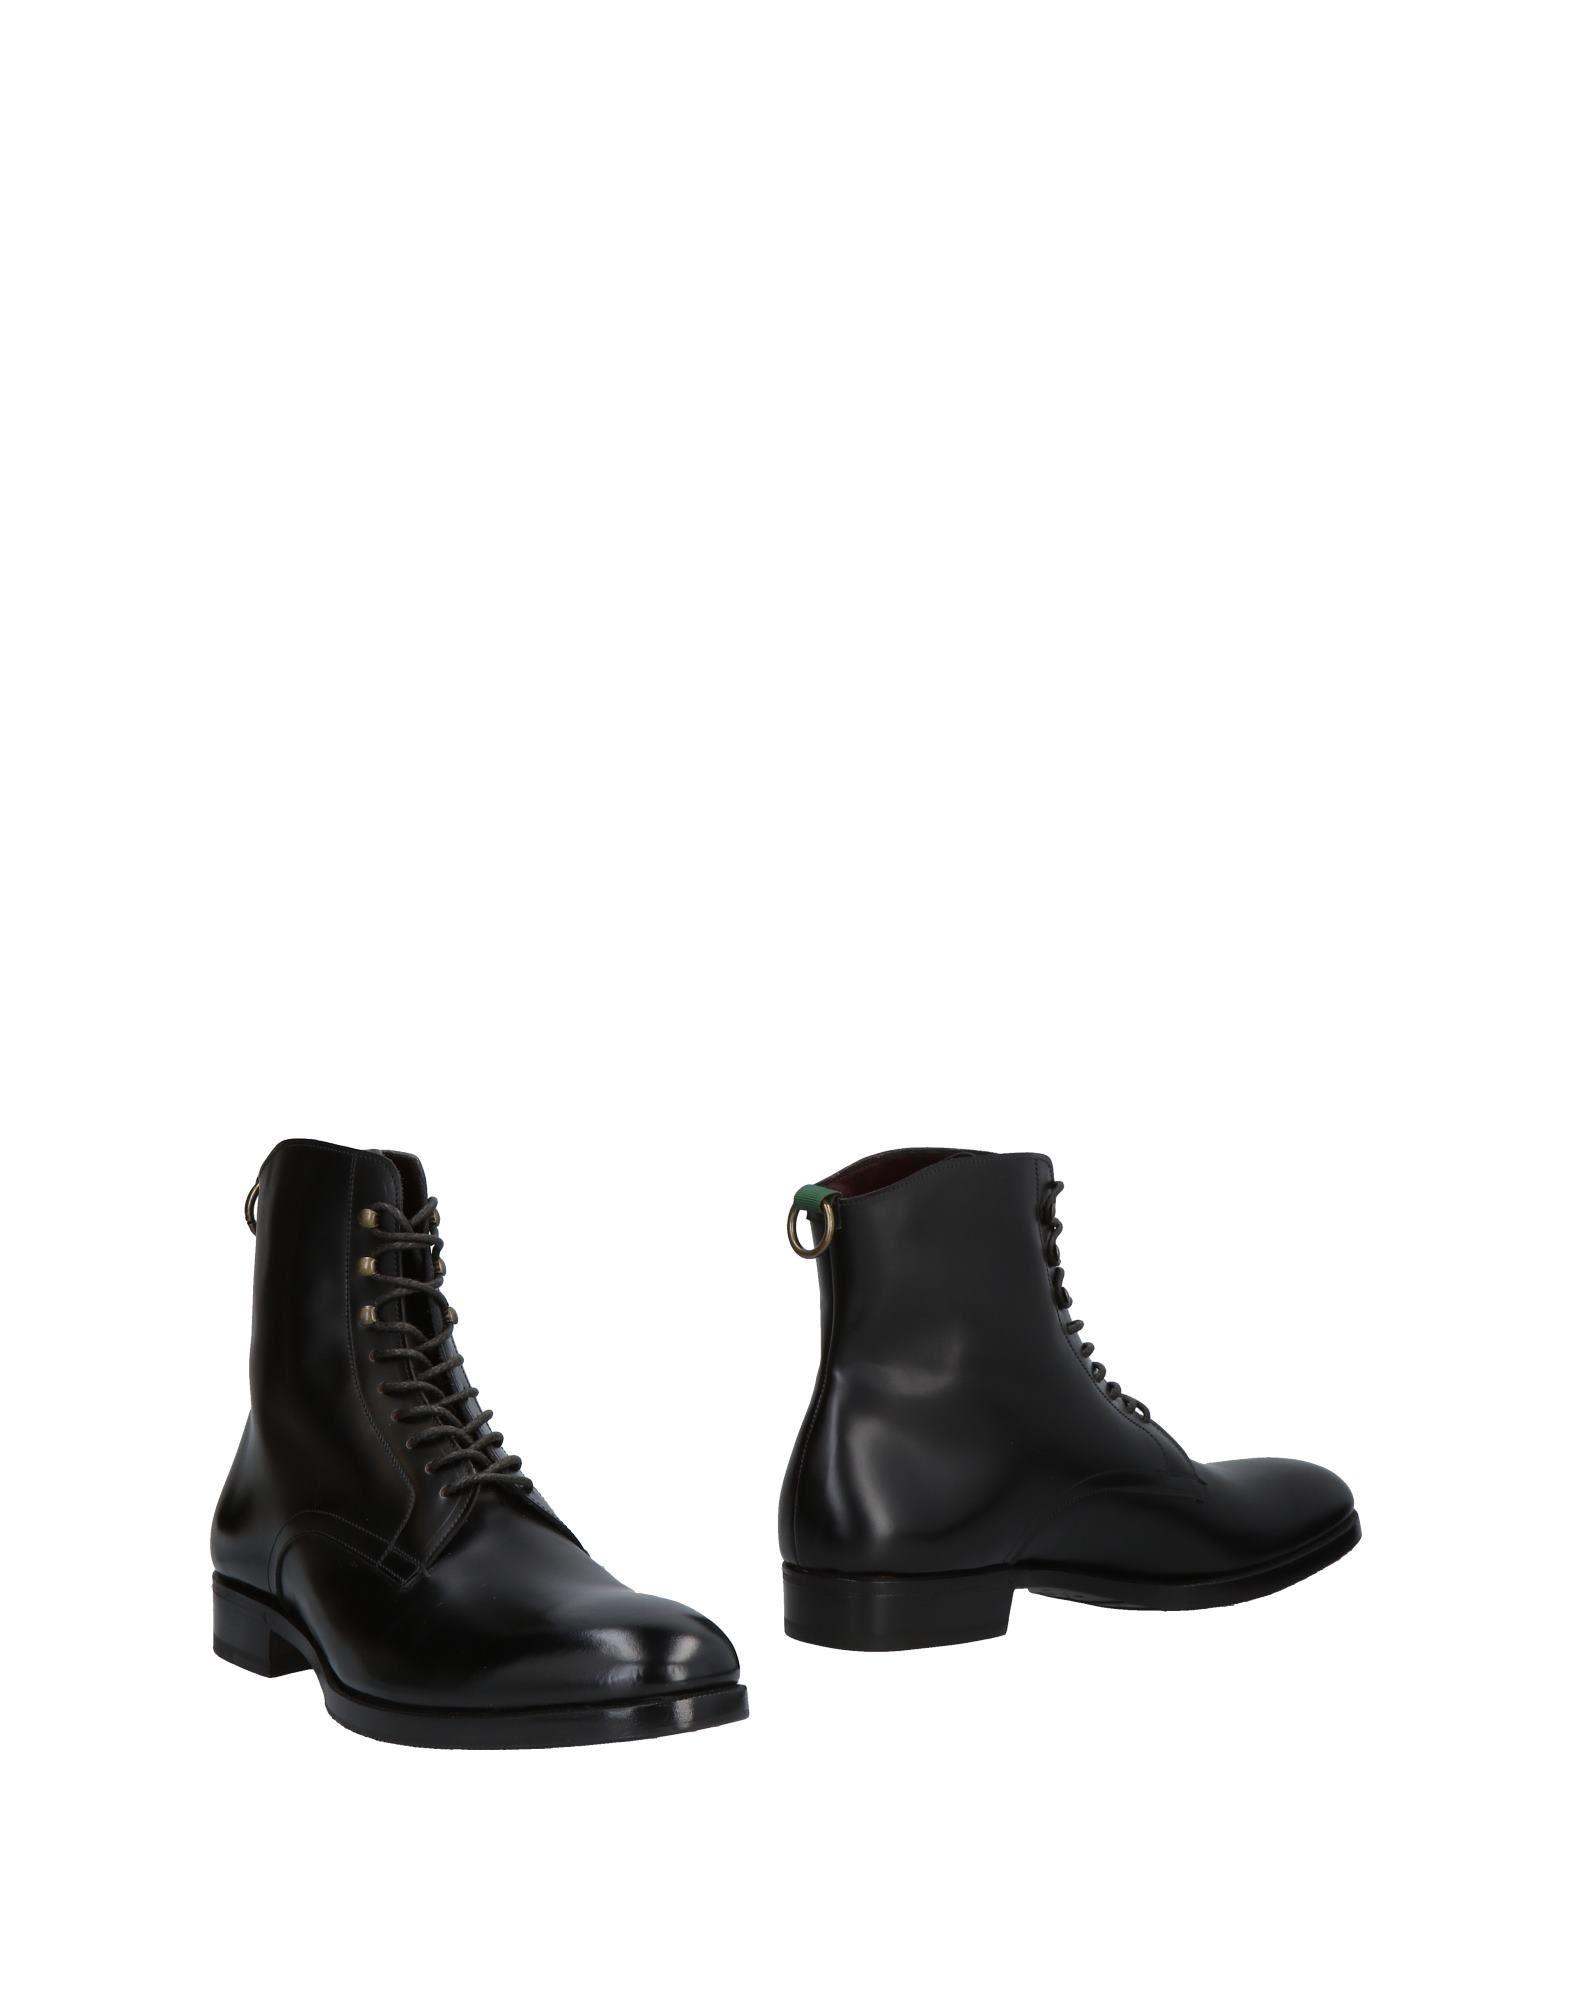 Lidfort Stiefelette Herren  11491883RP Gute Qualität beliebte Schuhe